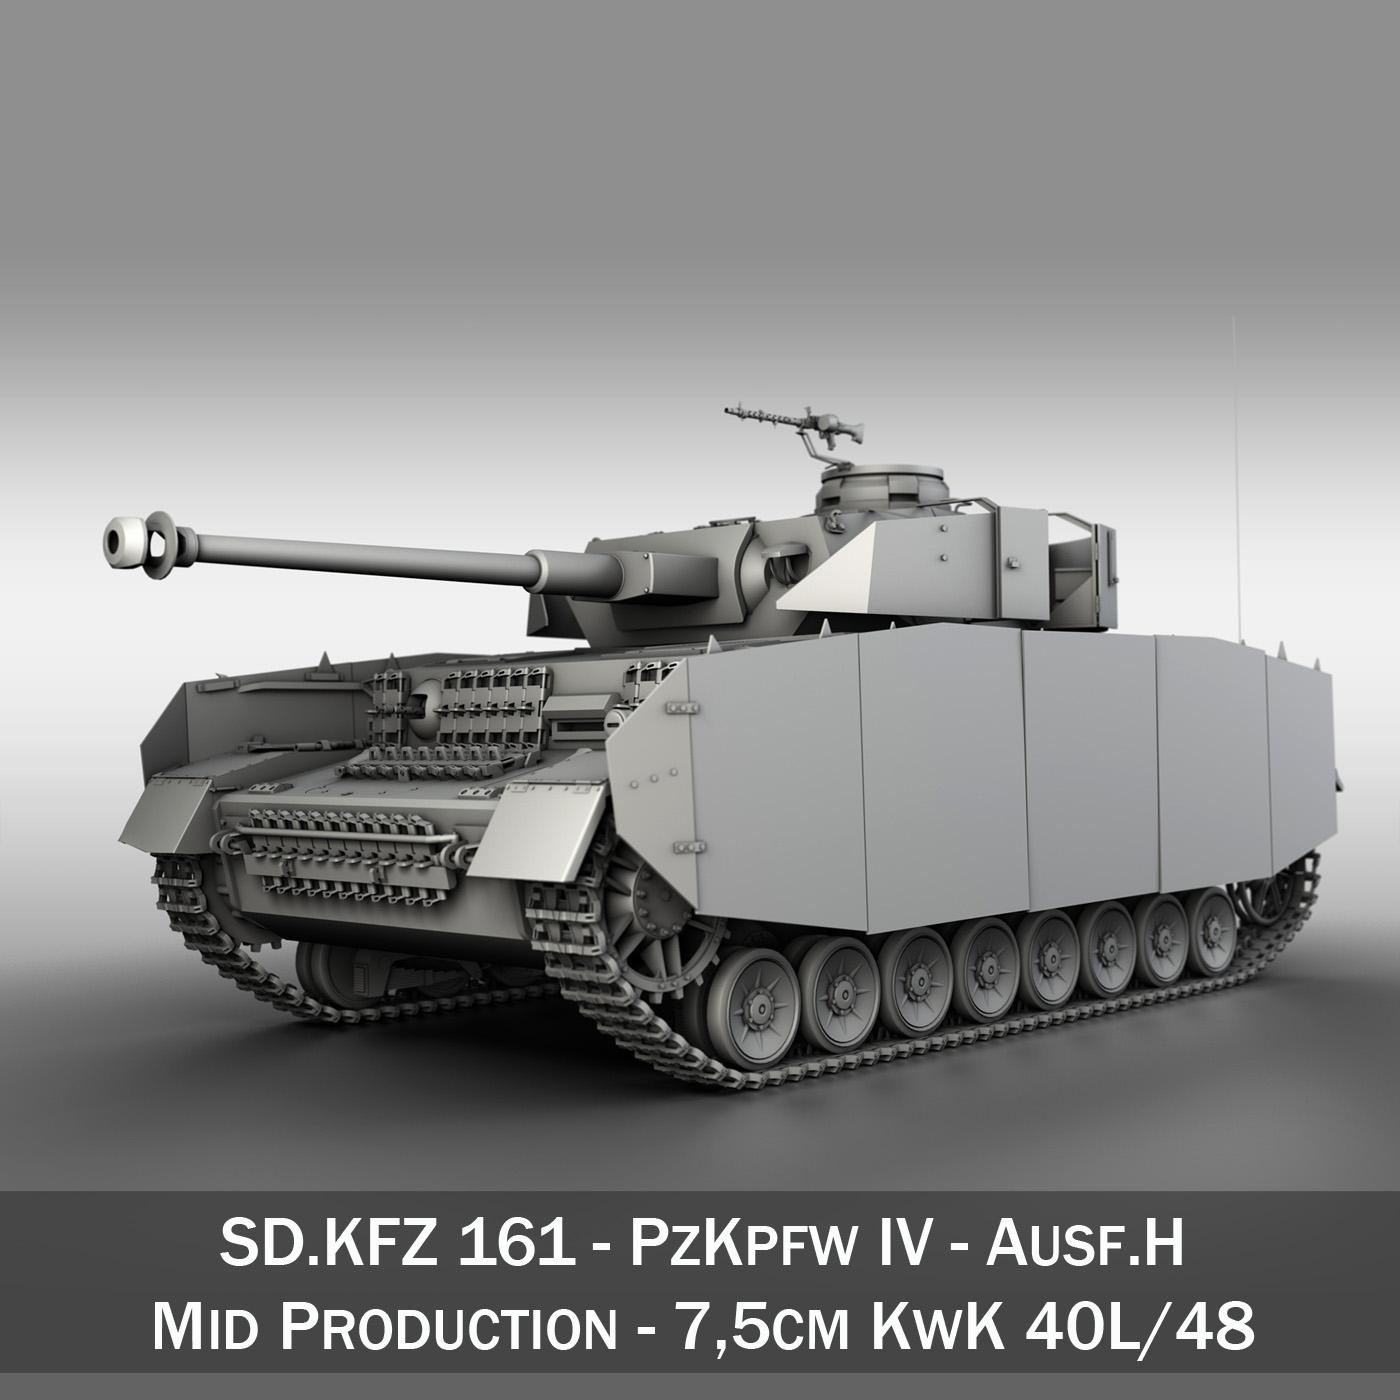 sd.kfz 161 pzkpfw iv – panzer 4 – ausf.h late 3d model 3ds fbx c4d lwo obj 190316